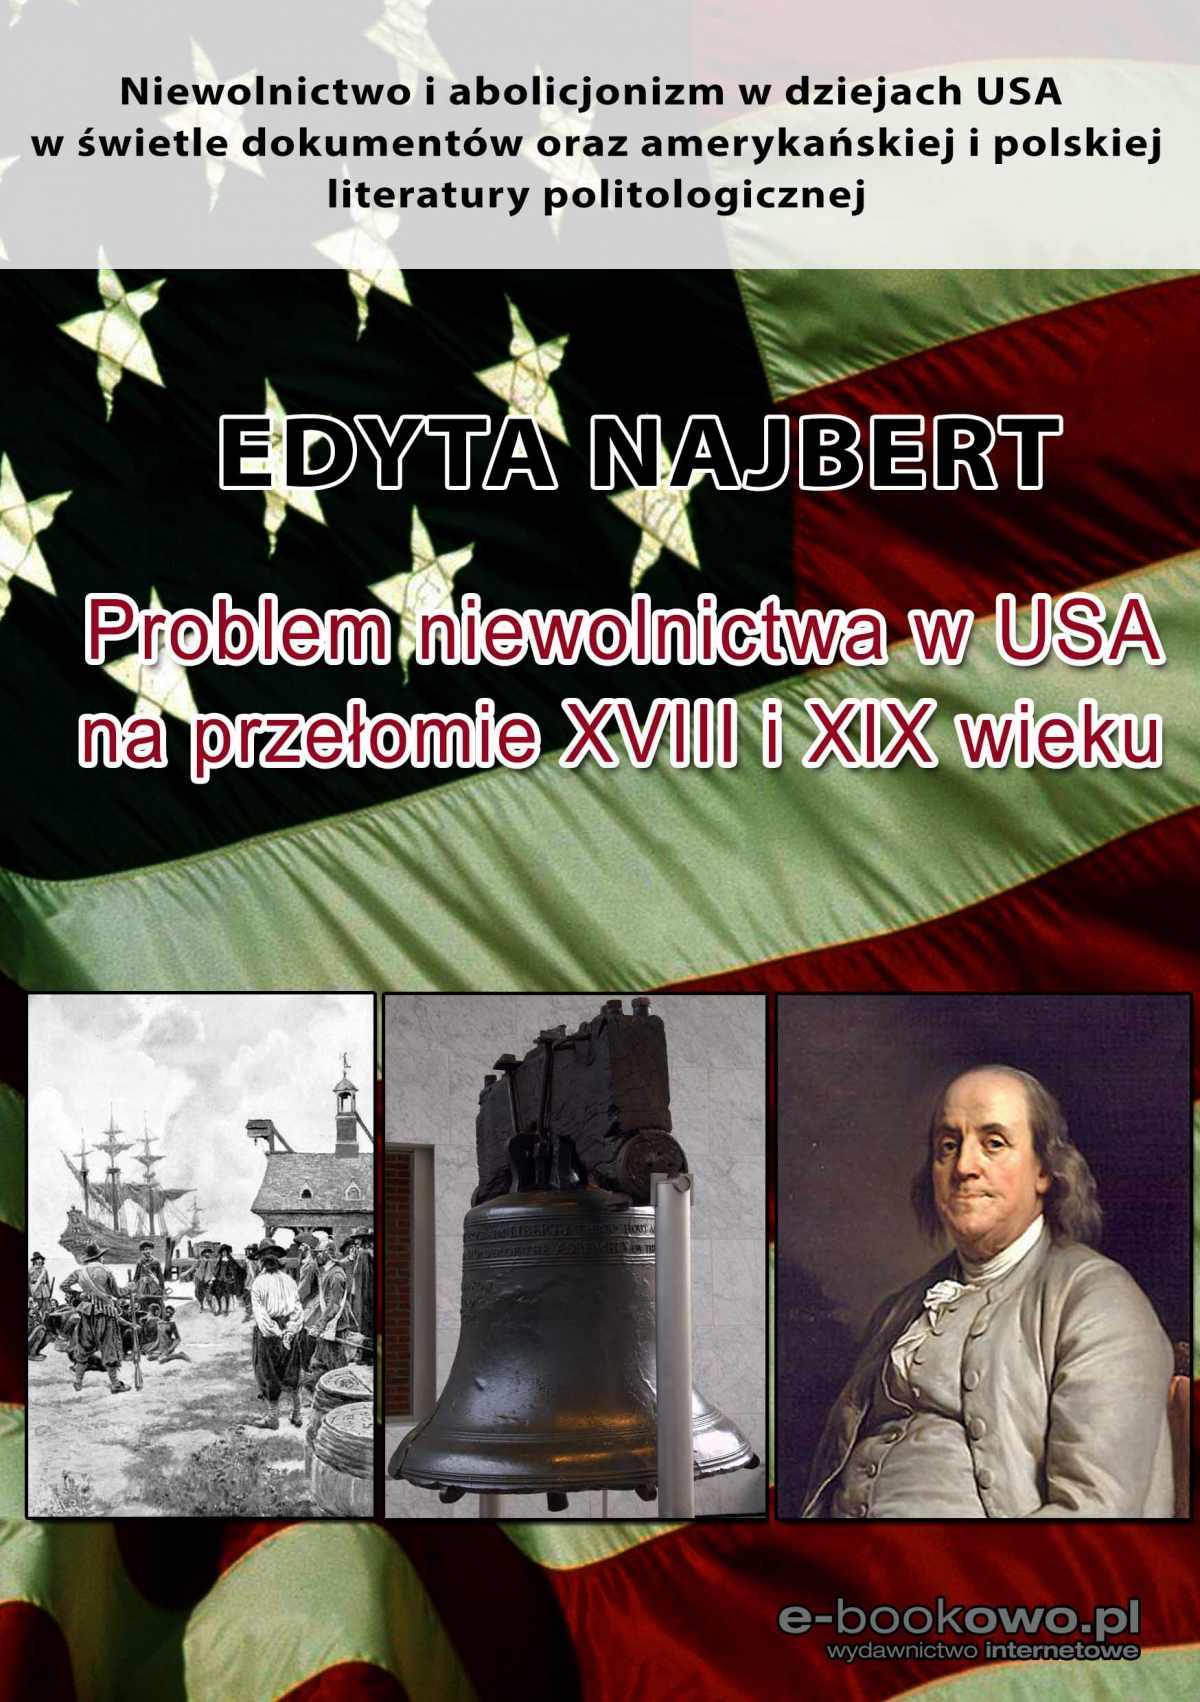 Problem niewolnictwa w USA na przełomie XVIII i XIX wieku - Ebook (Książka PDF) do pobrania w formacie PDF